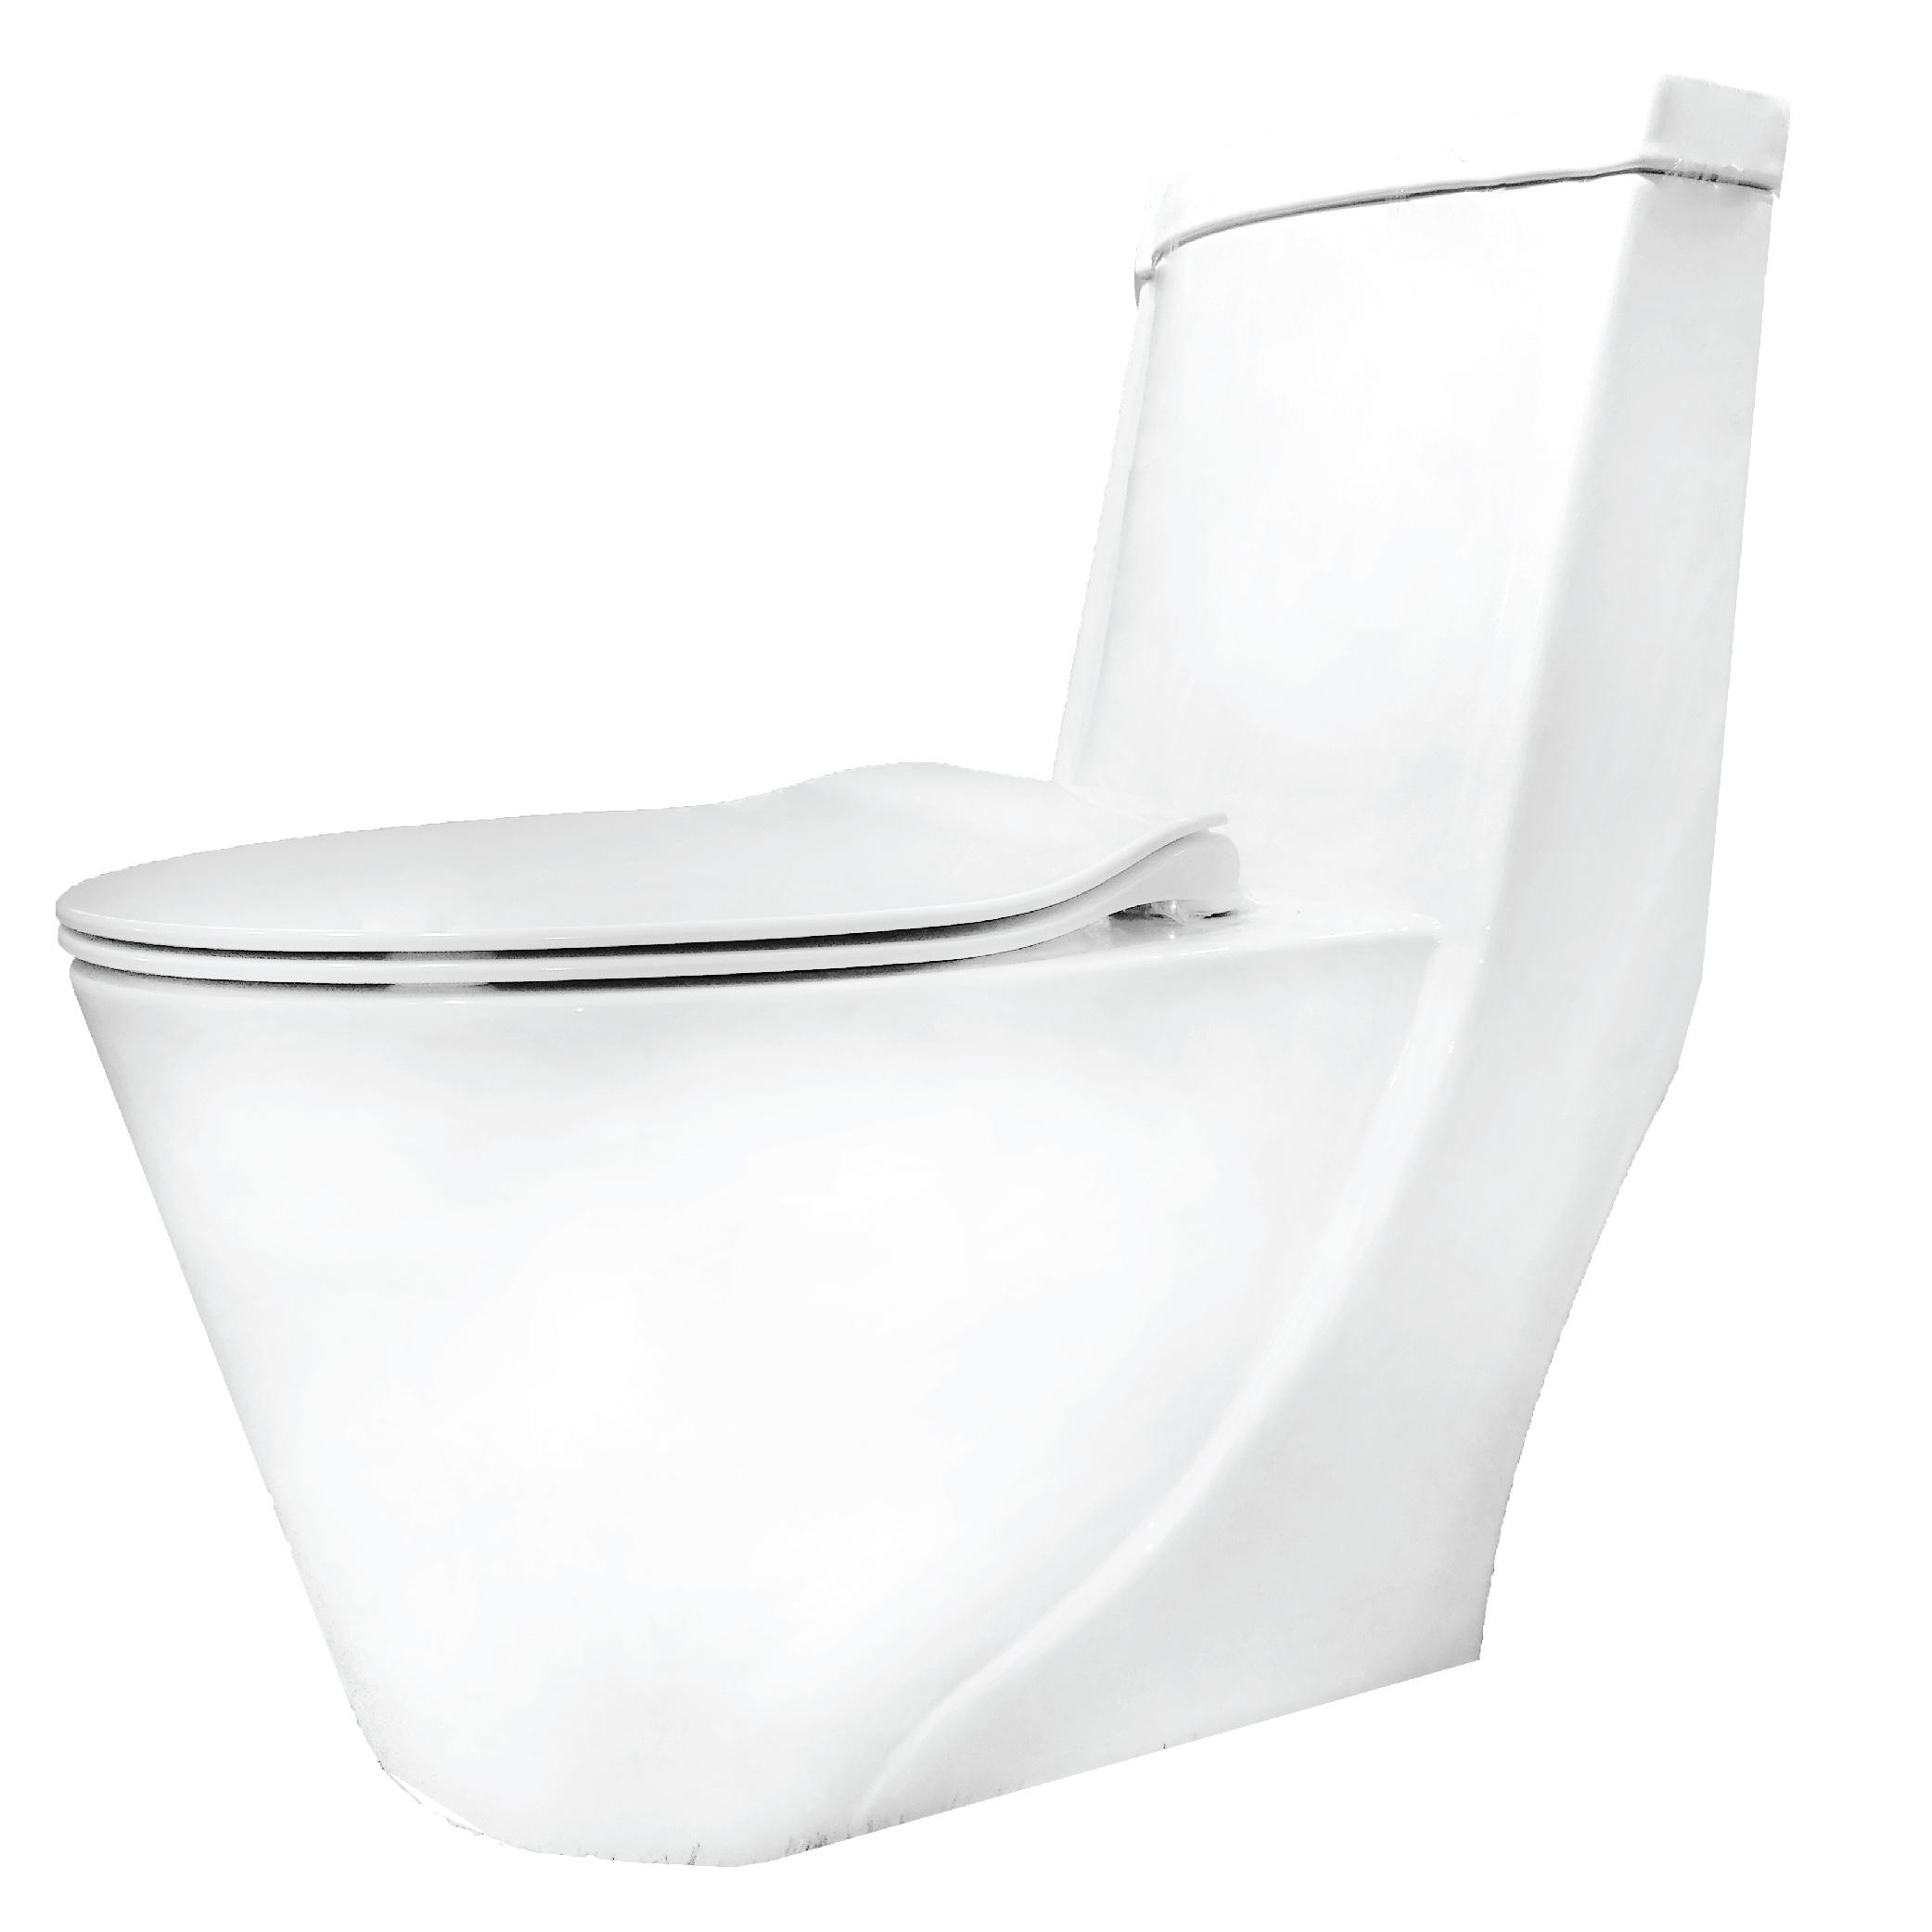 BỒN CẦU NOUVO 1 KHỐI N19KTU ( Toilet model: N19KTU )